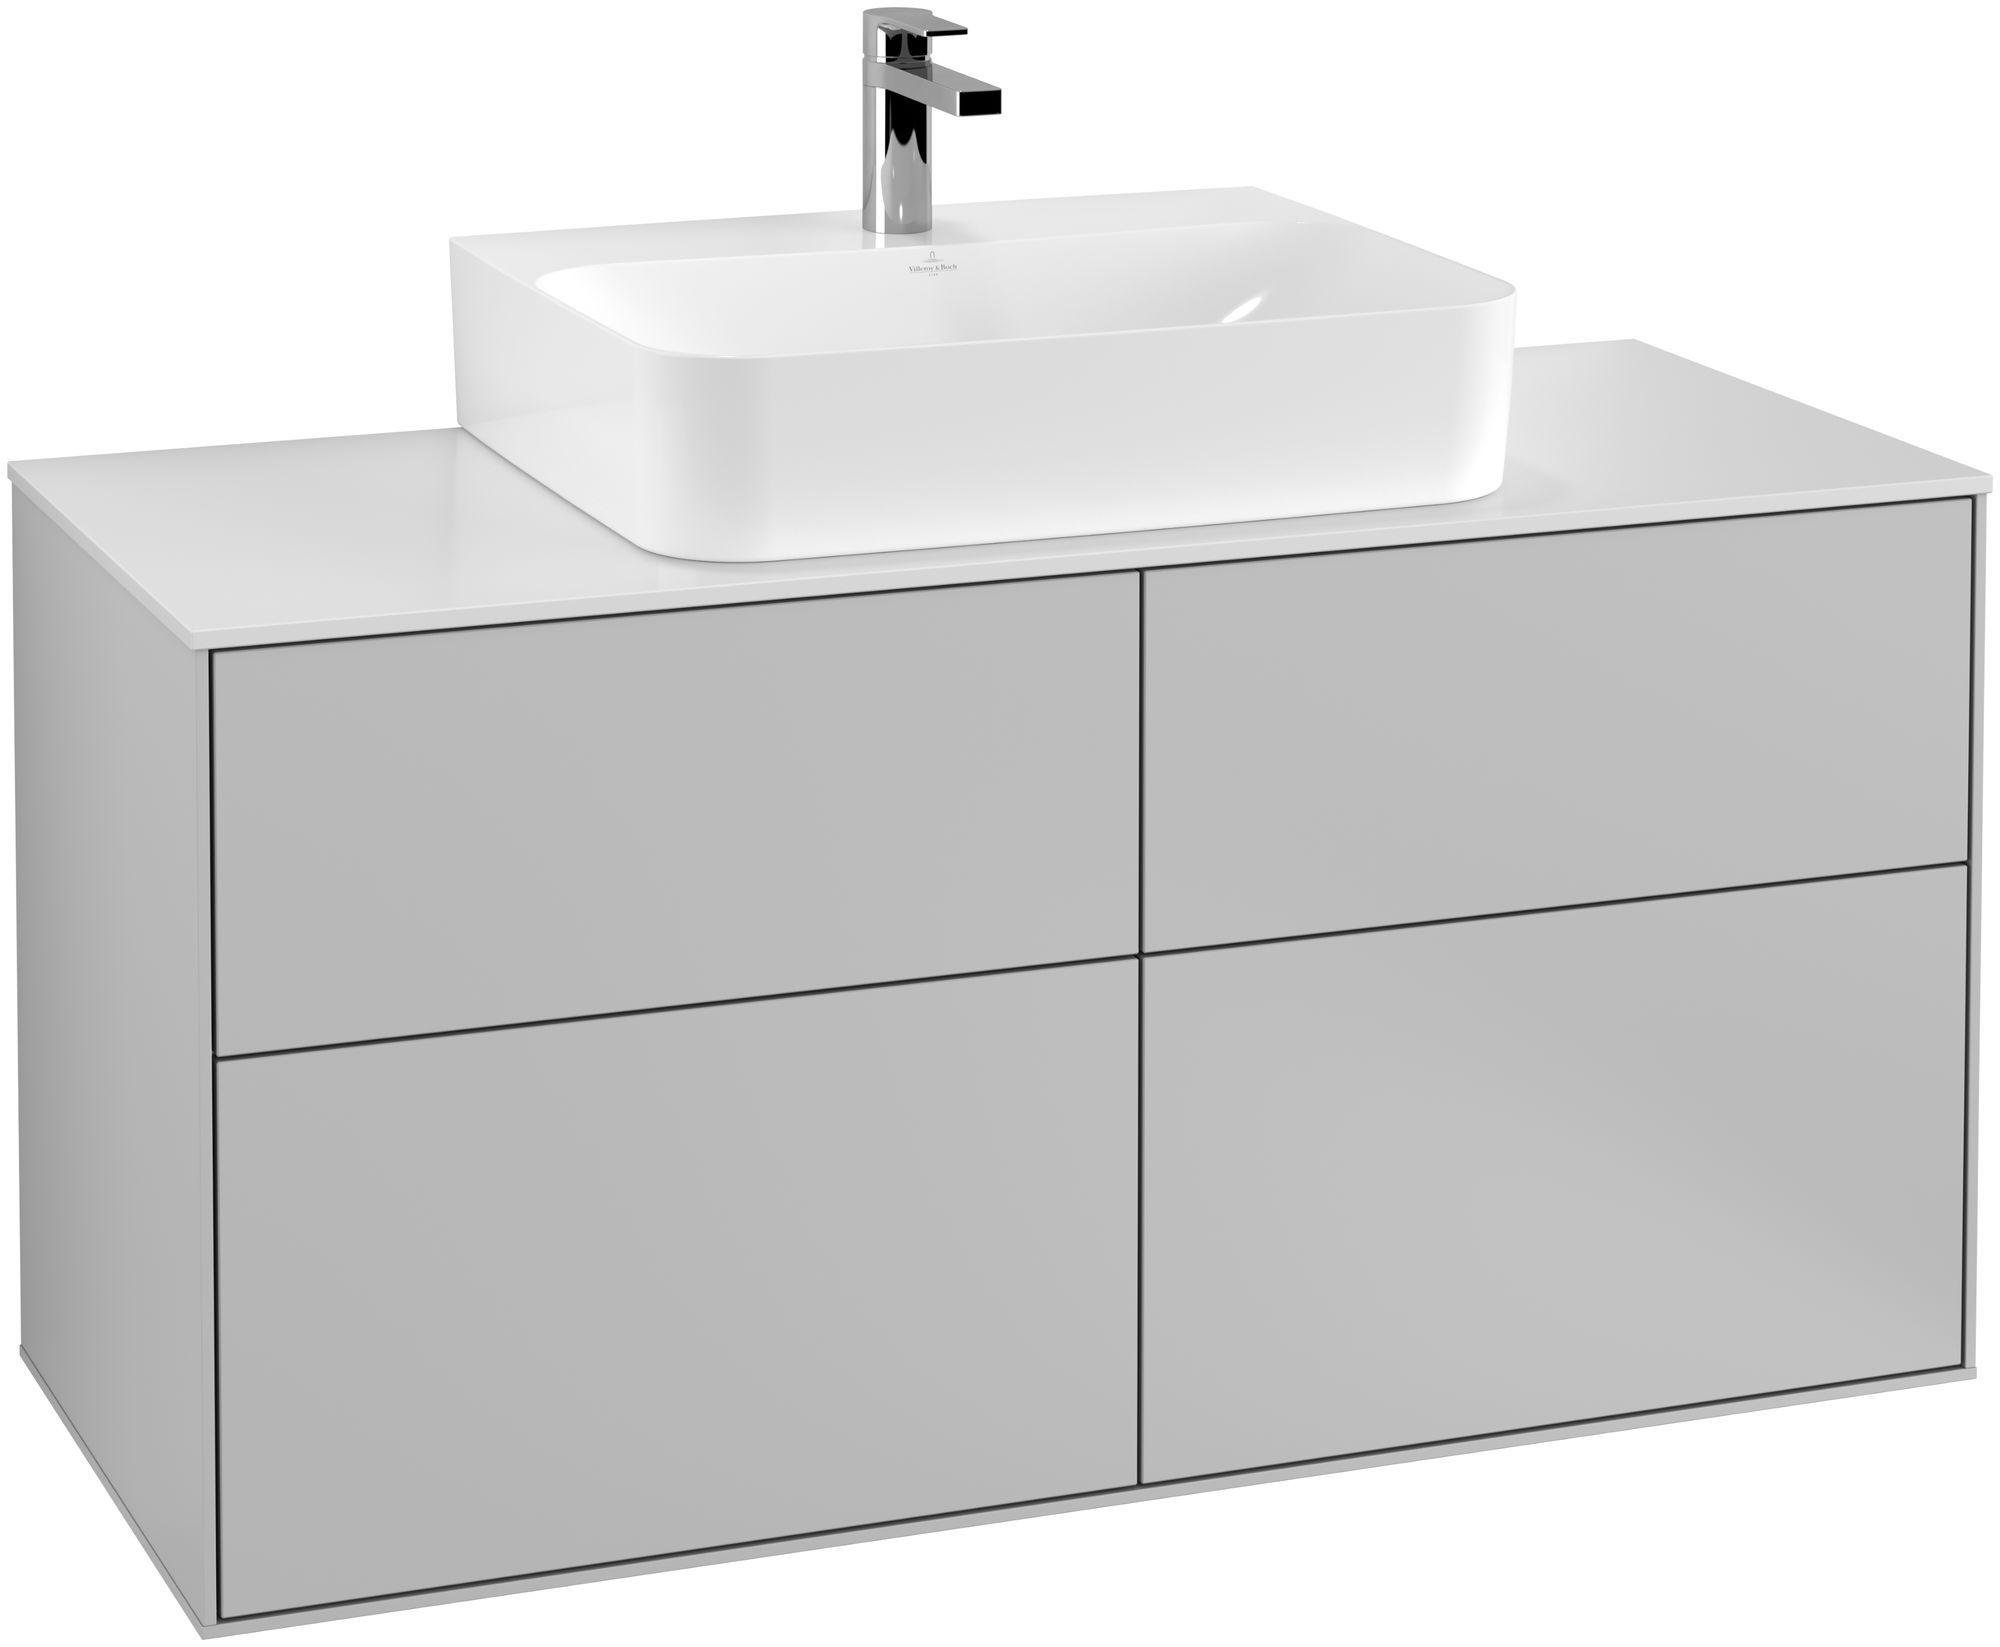 Villeroy & Boch Finion F13 Waschtischunterschrank 4 Auszüge Waschtisch mittig B:120xH:60,3xT:50,1cm Front, Korpus: Light Grey Matt, Glasplatte: White Matt F13100GJ